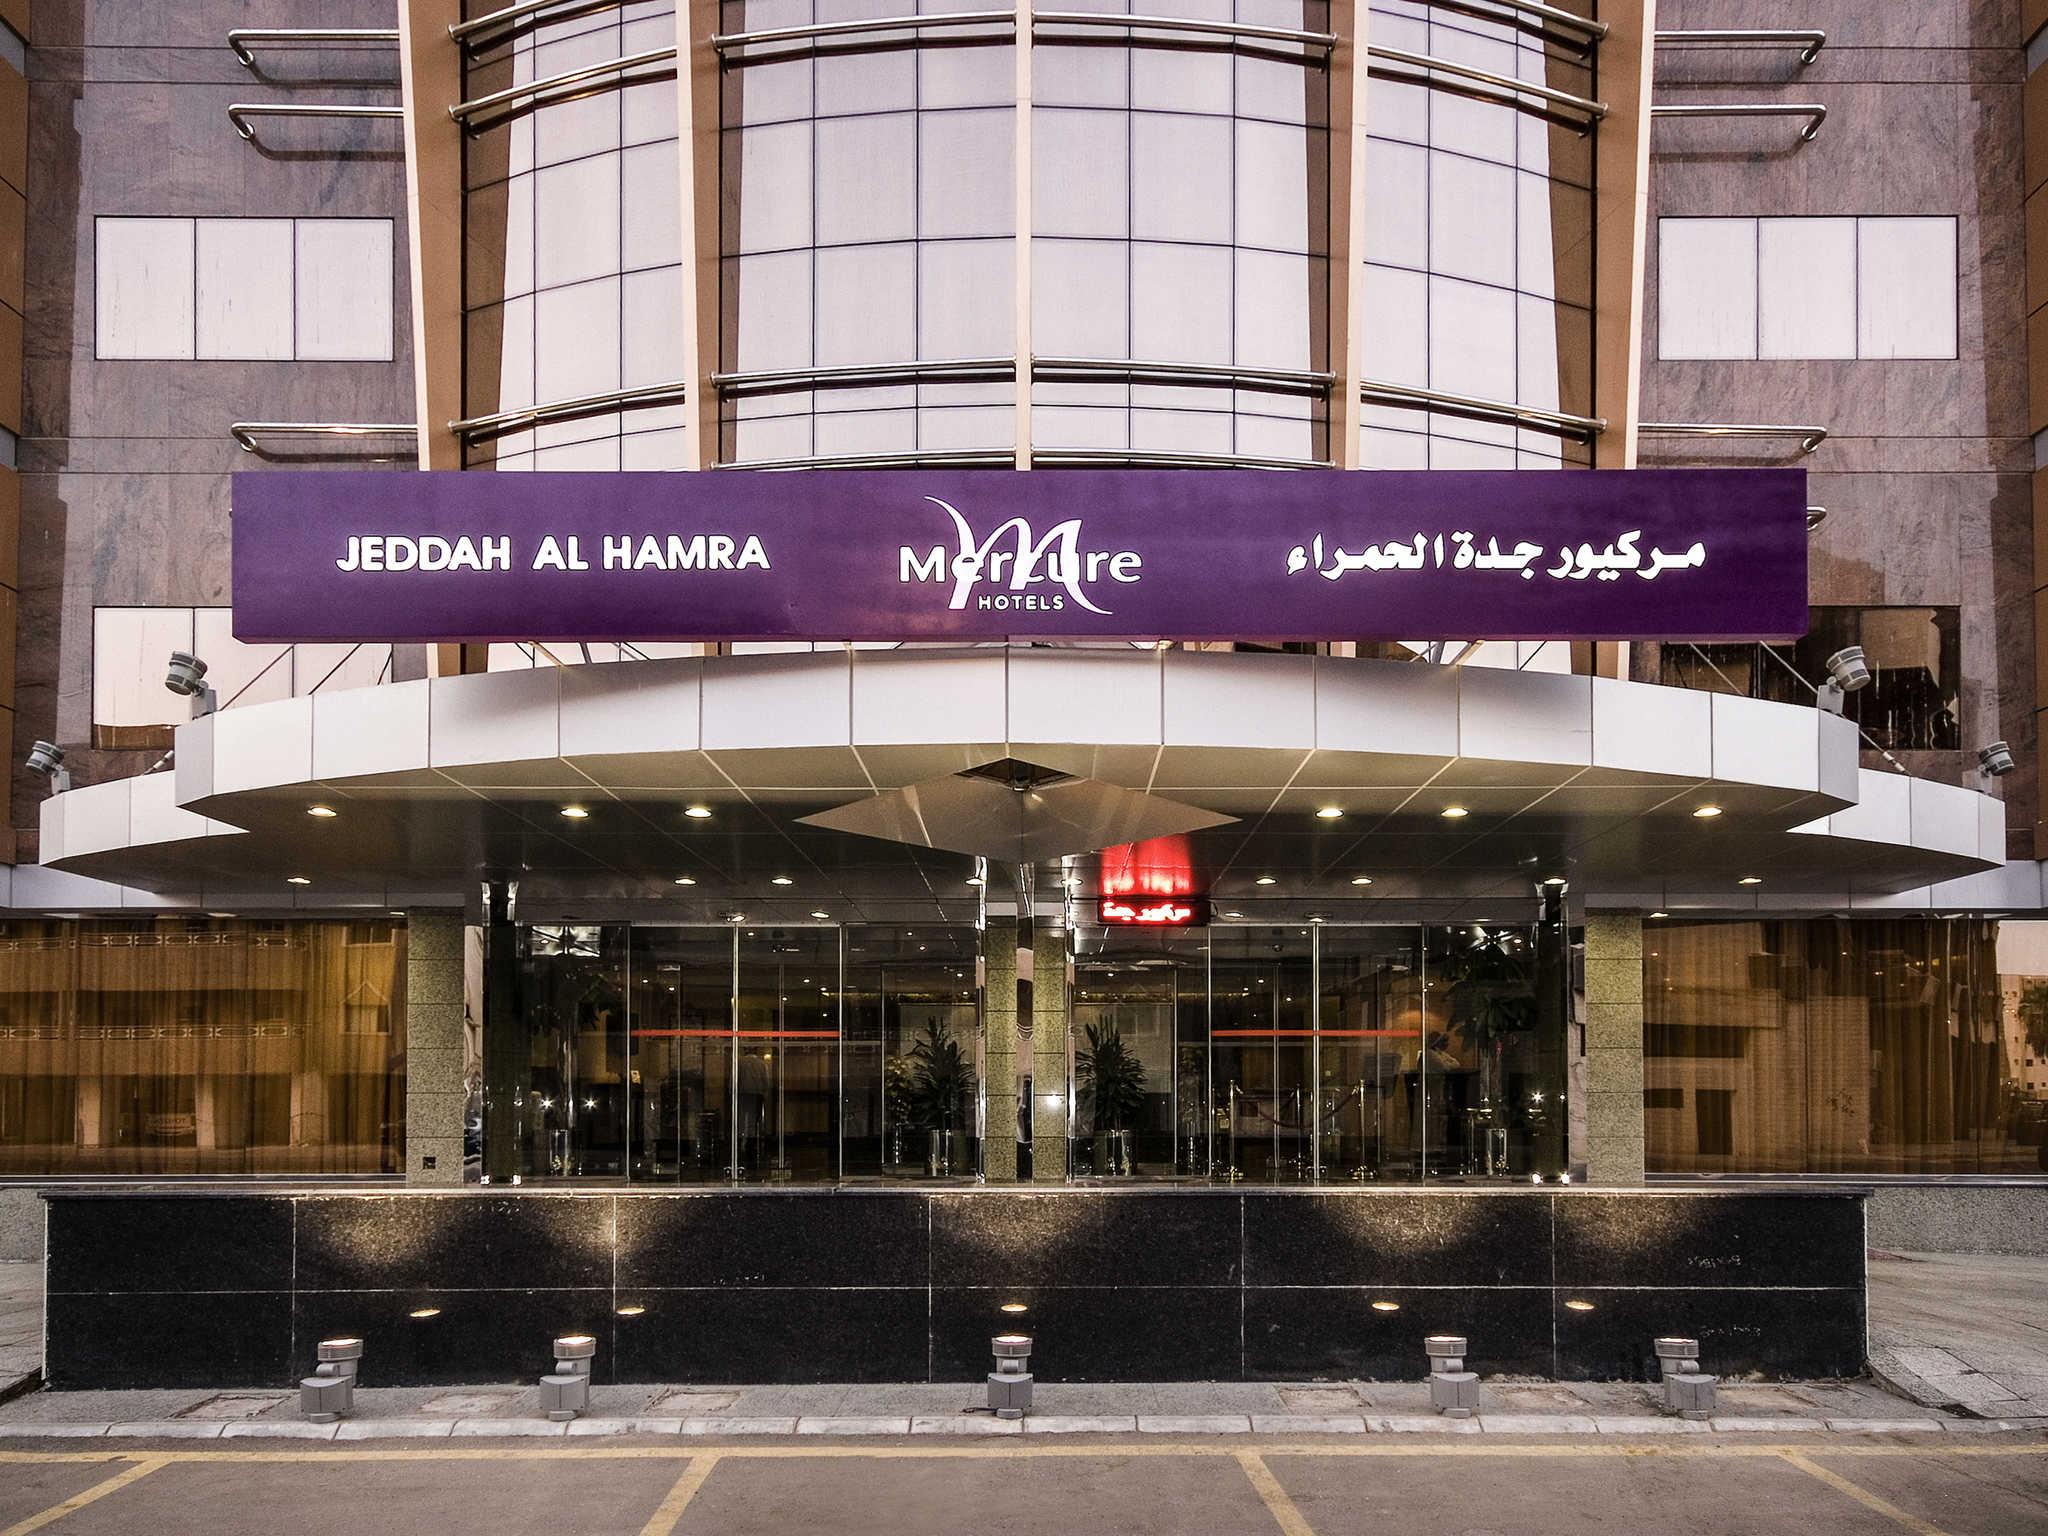 Hotel - MERCURE JEDDAH AL HAMRA